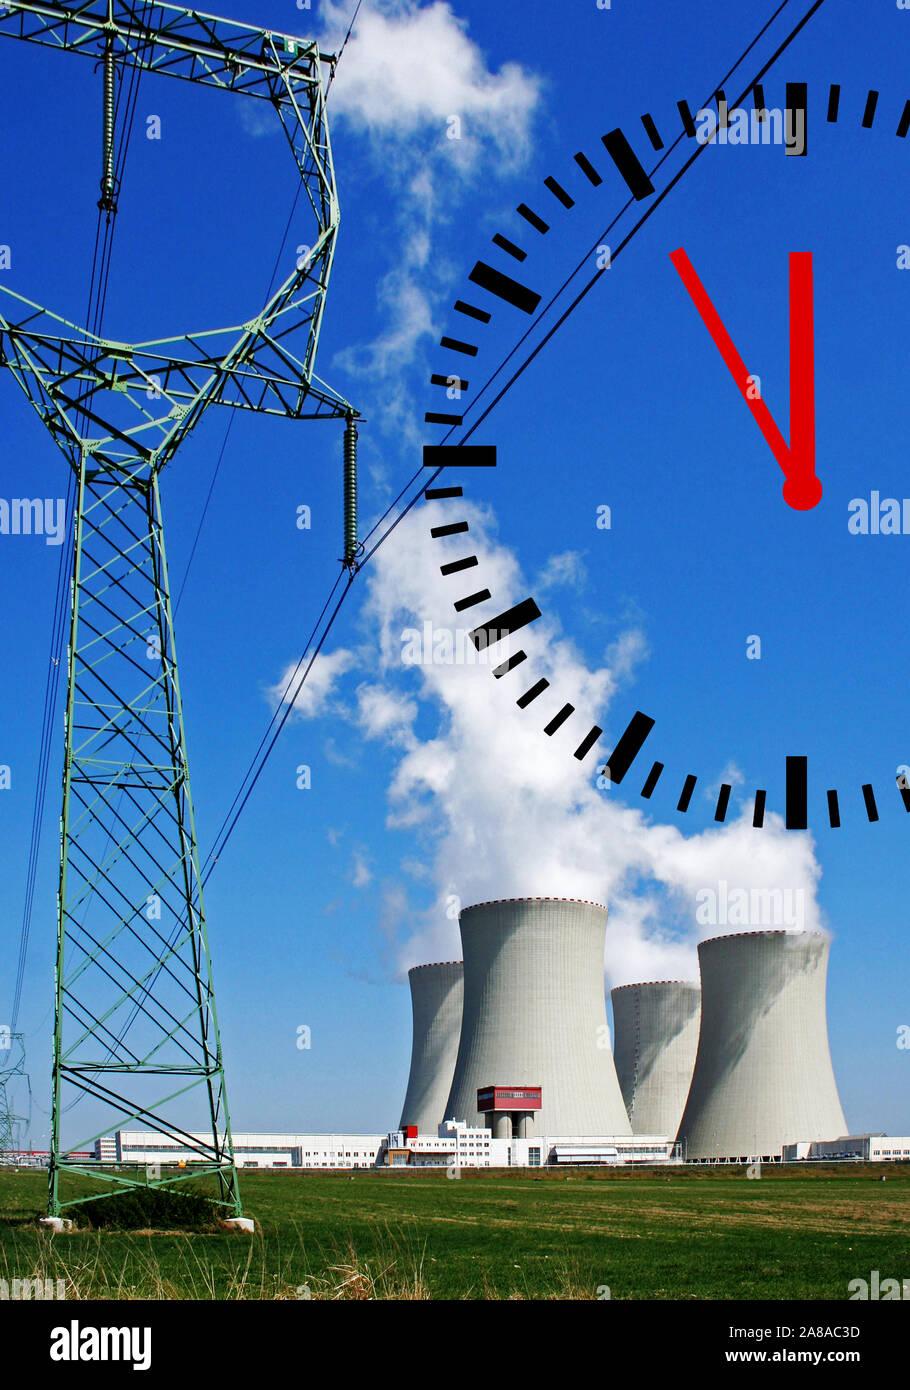 Kraftwerk, CO2-Ausstoss, Klimasteuer, CO2-Steuer, Umweltsteuer, Emissionssteuer, Kernkraftwerk, Uhr zeigt 5 vor 12, Klimawandel, Stock Photo